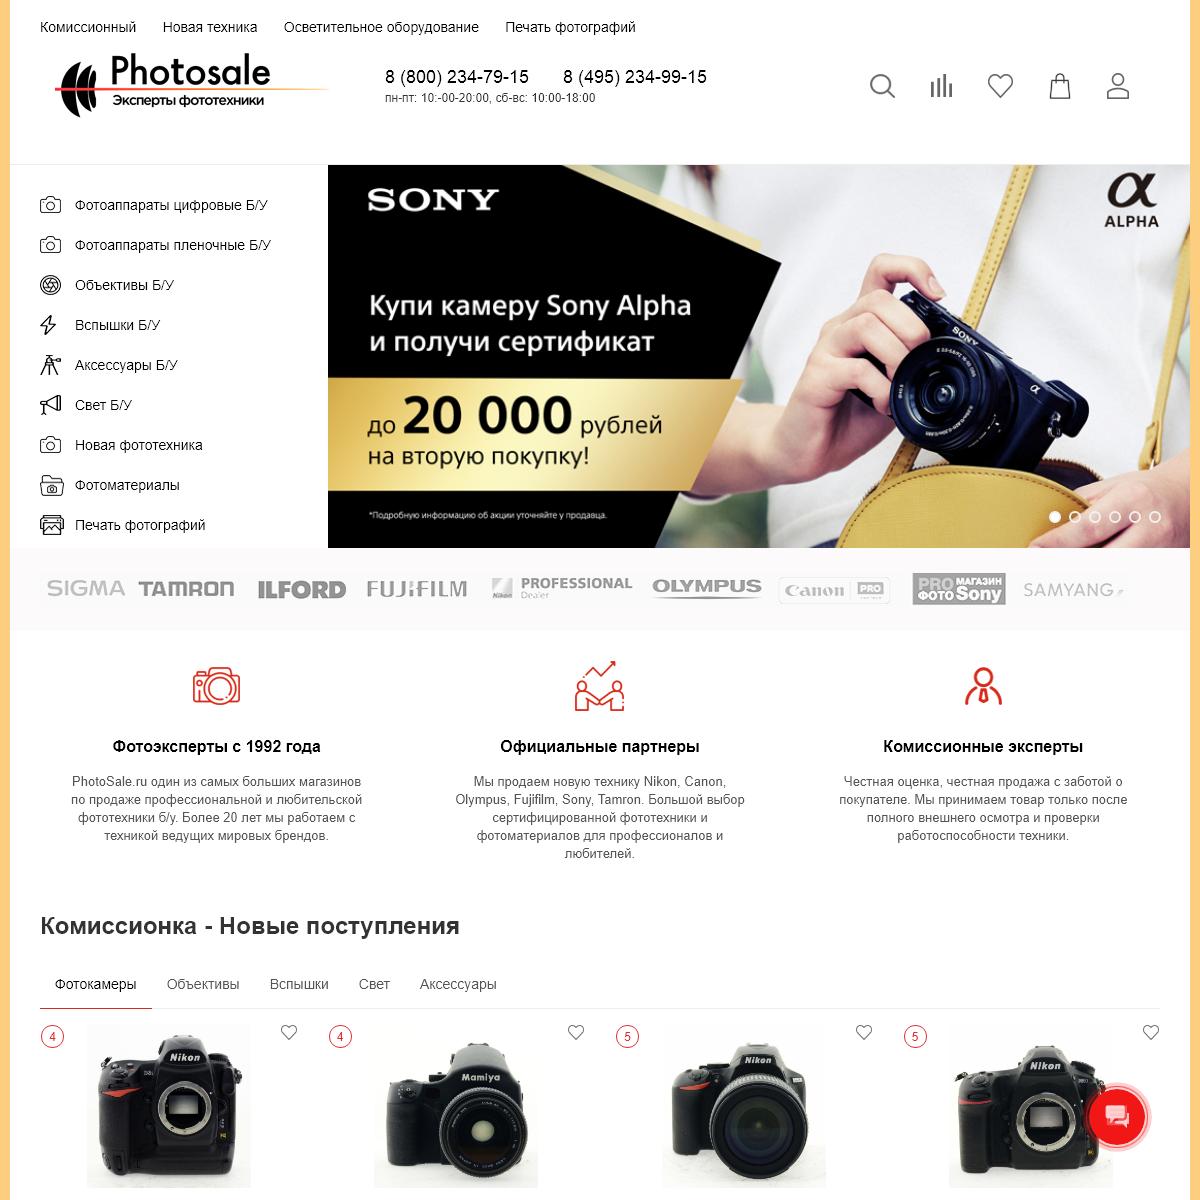 PhotoSale.ru - Новая и комиссионная фототехника